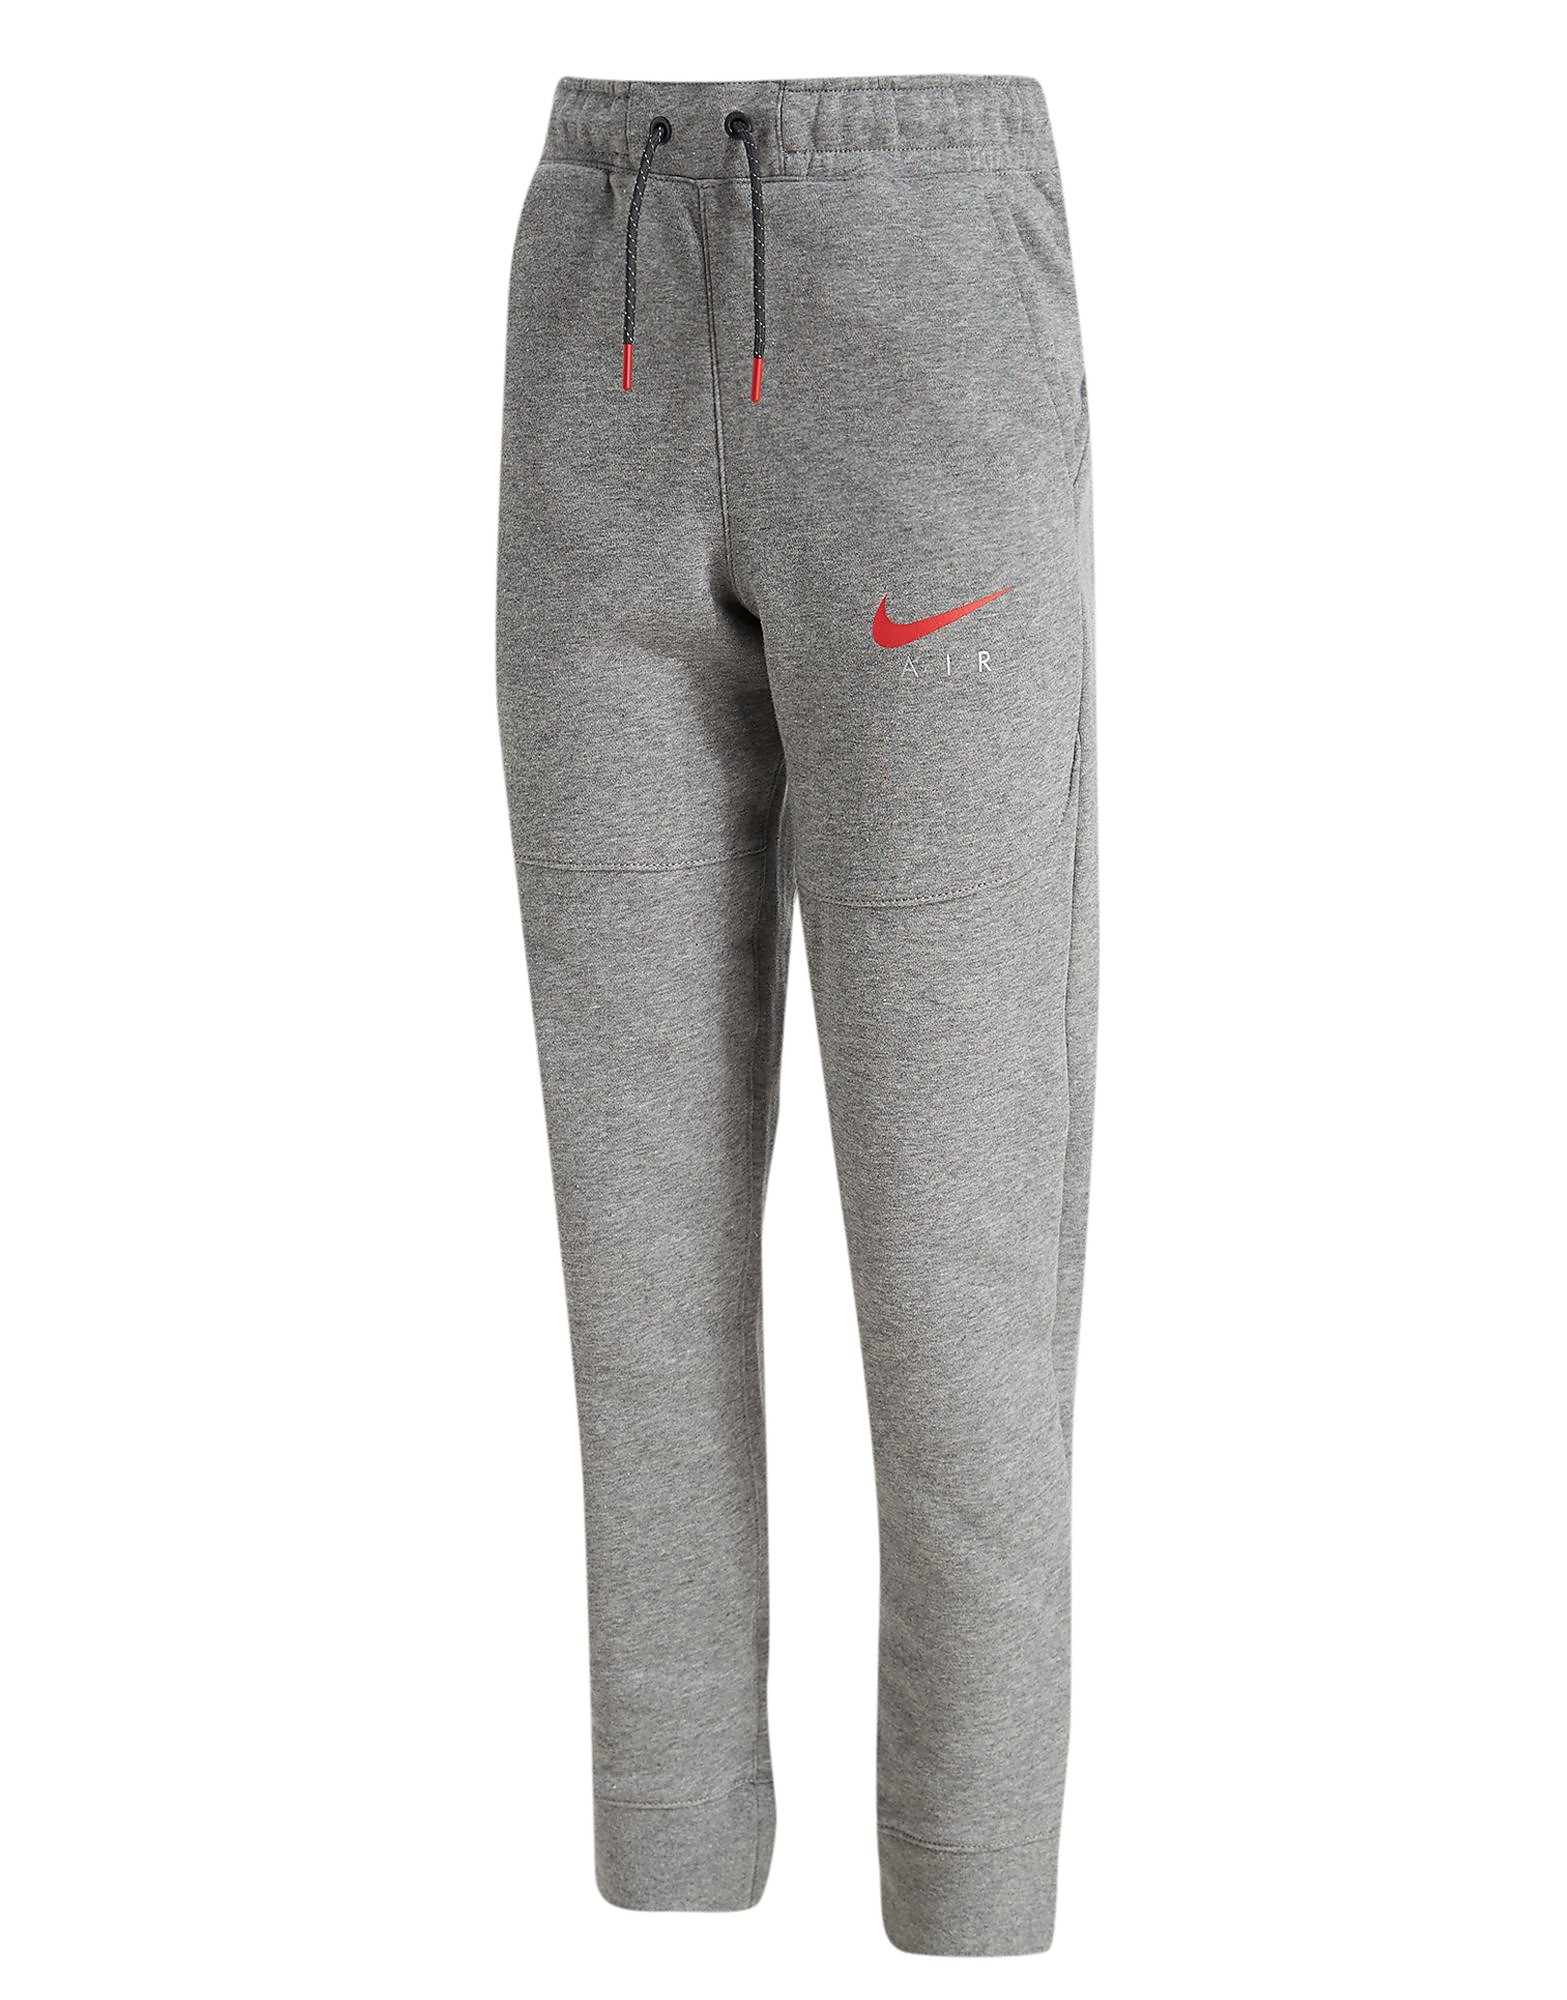 Nike pantalón de chándal Air júnior